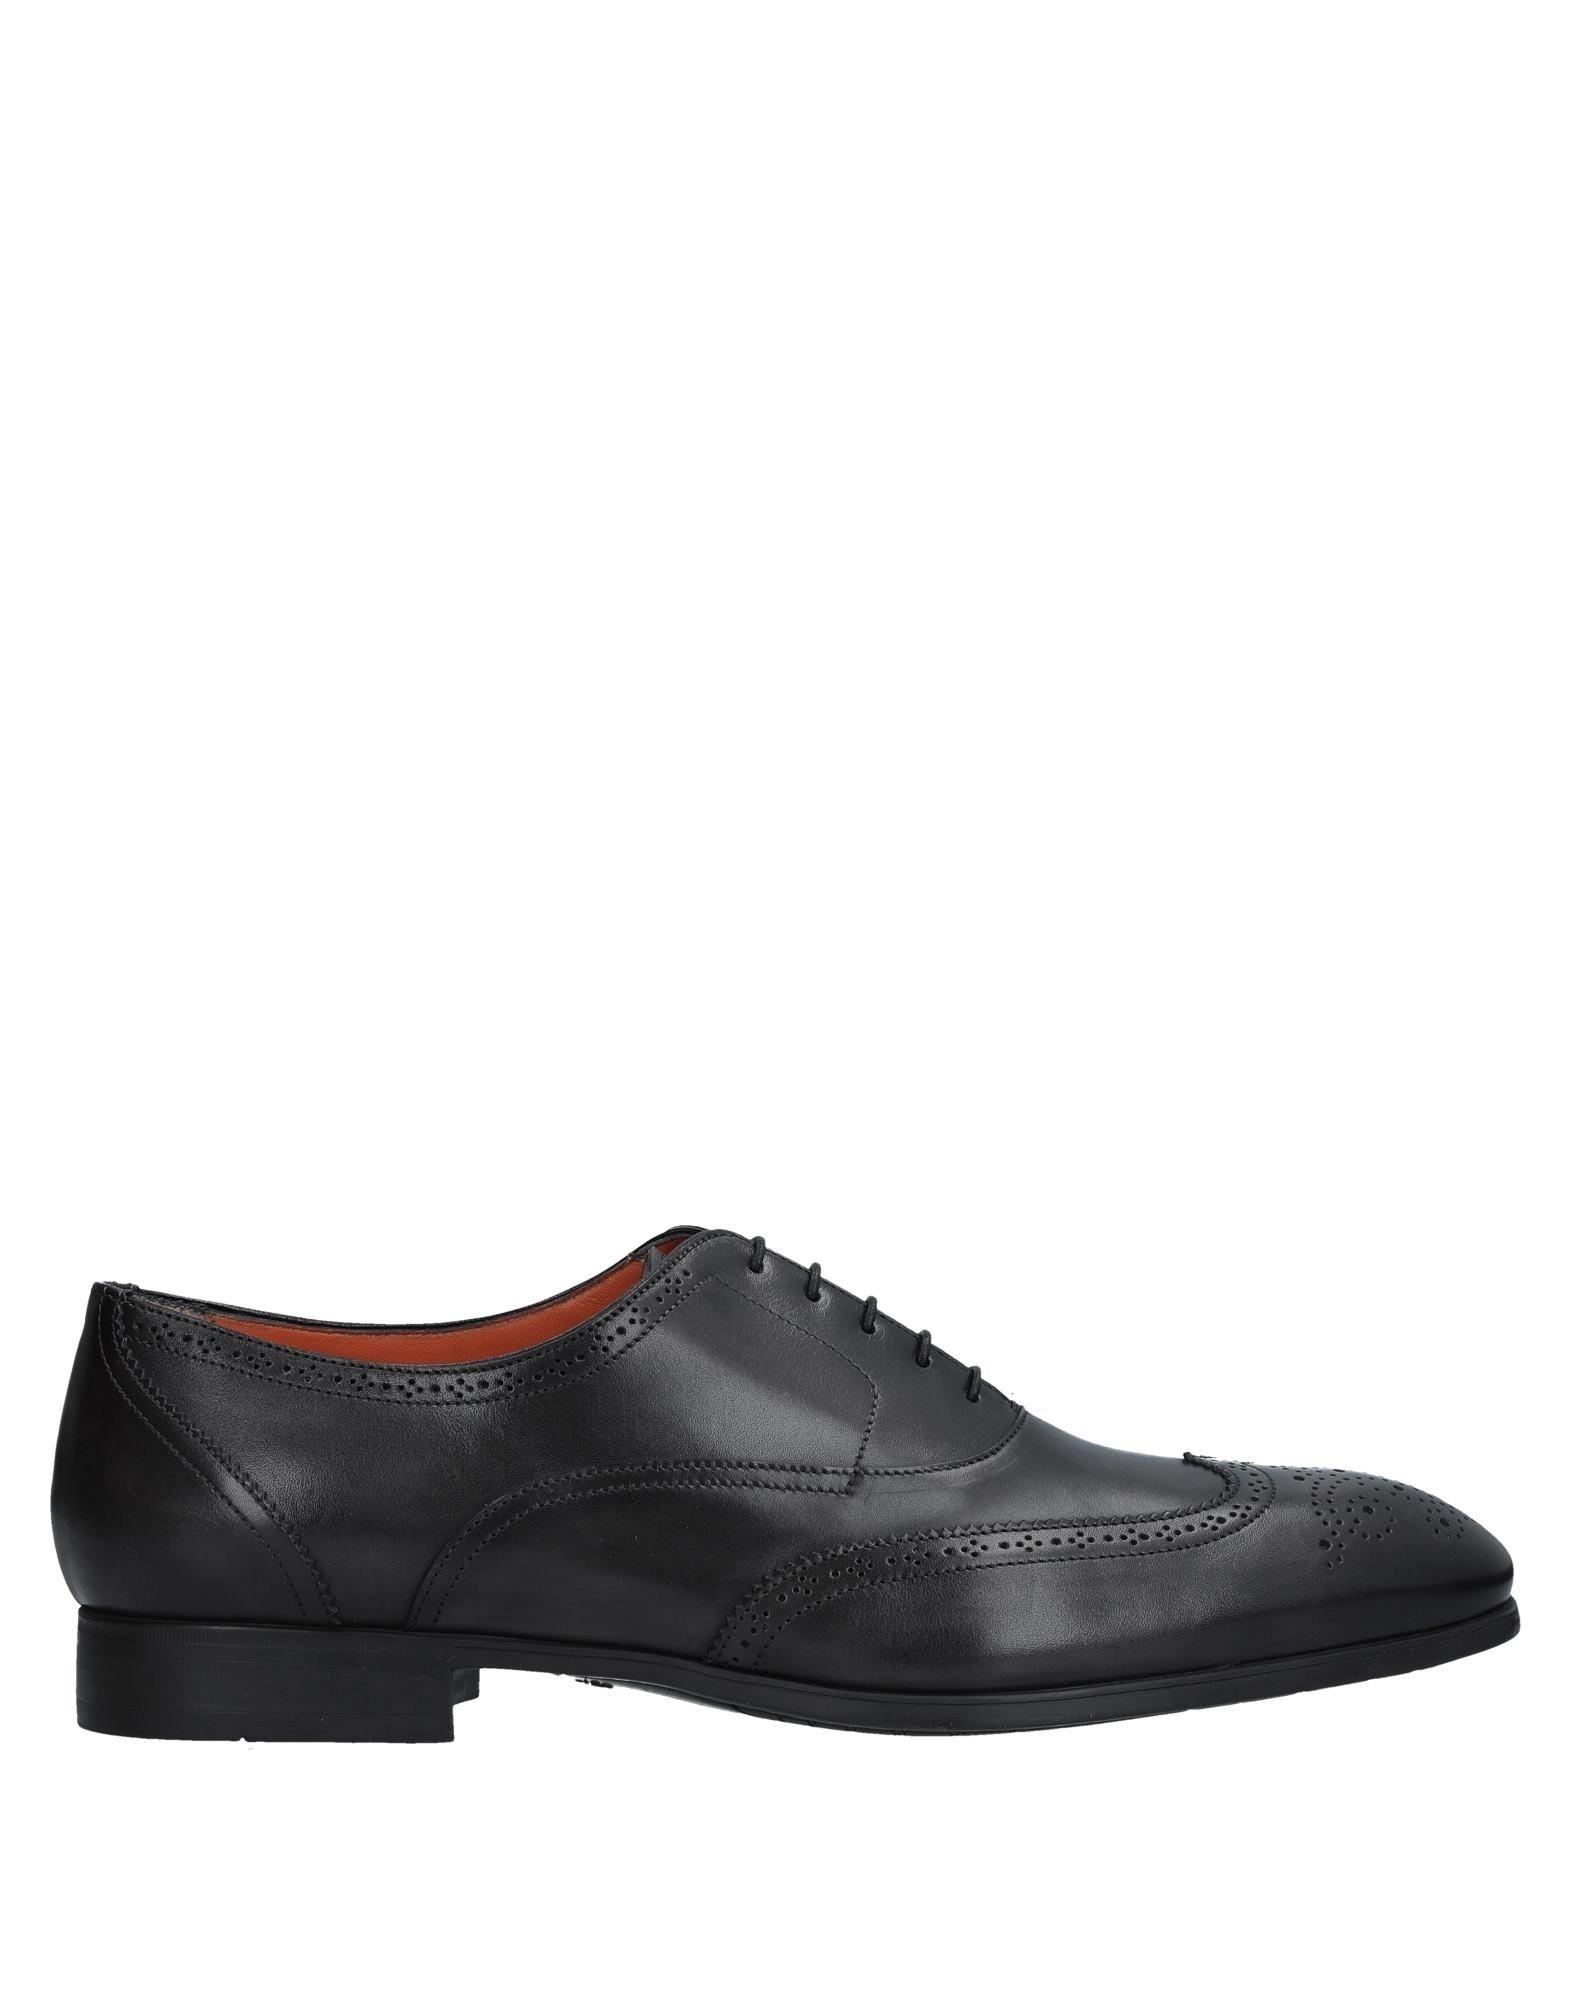 Santoni Schnürschuhe Herren  11542164EO Gute Qualität beliebte Schuhe